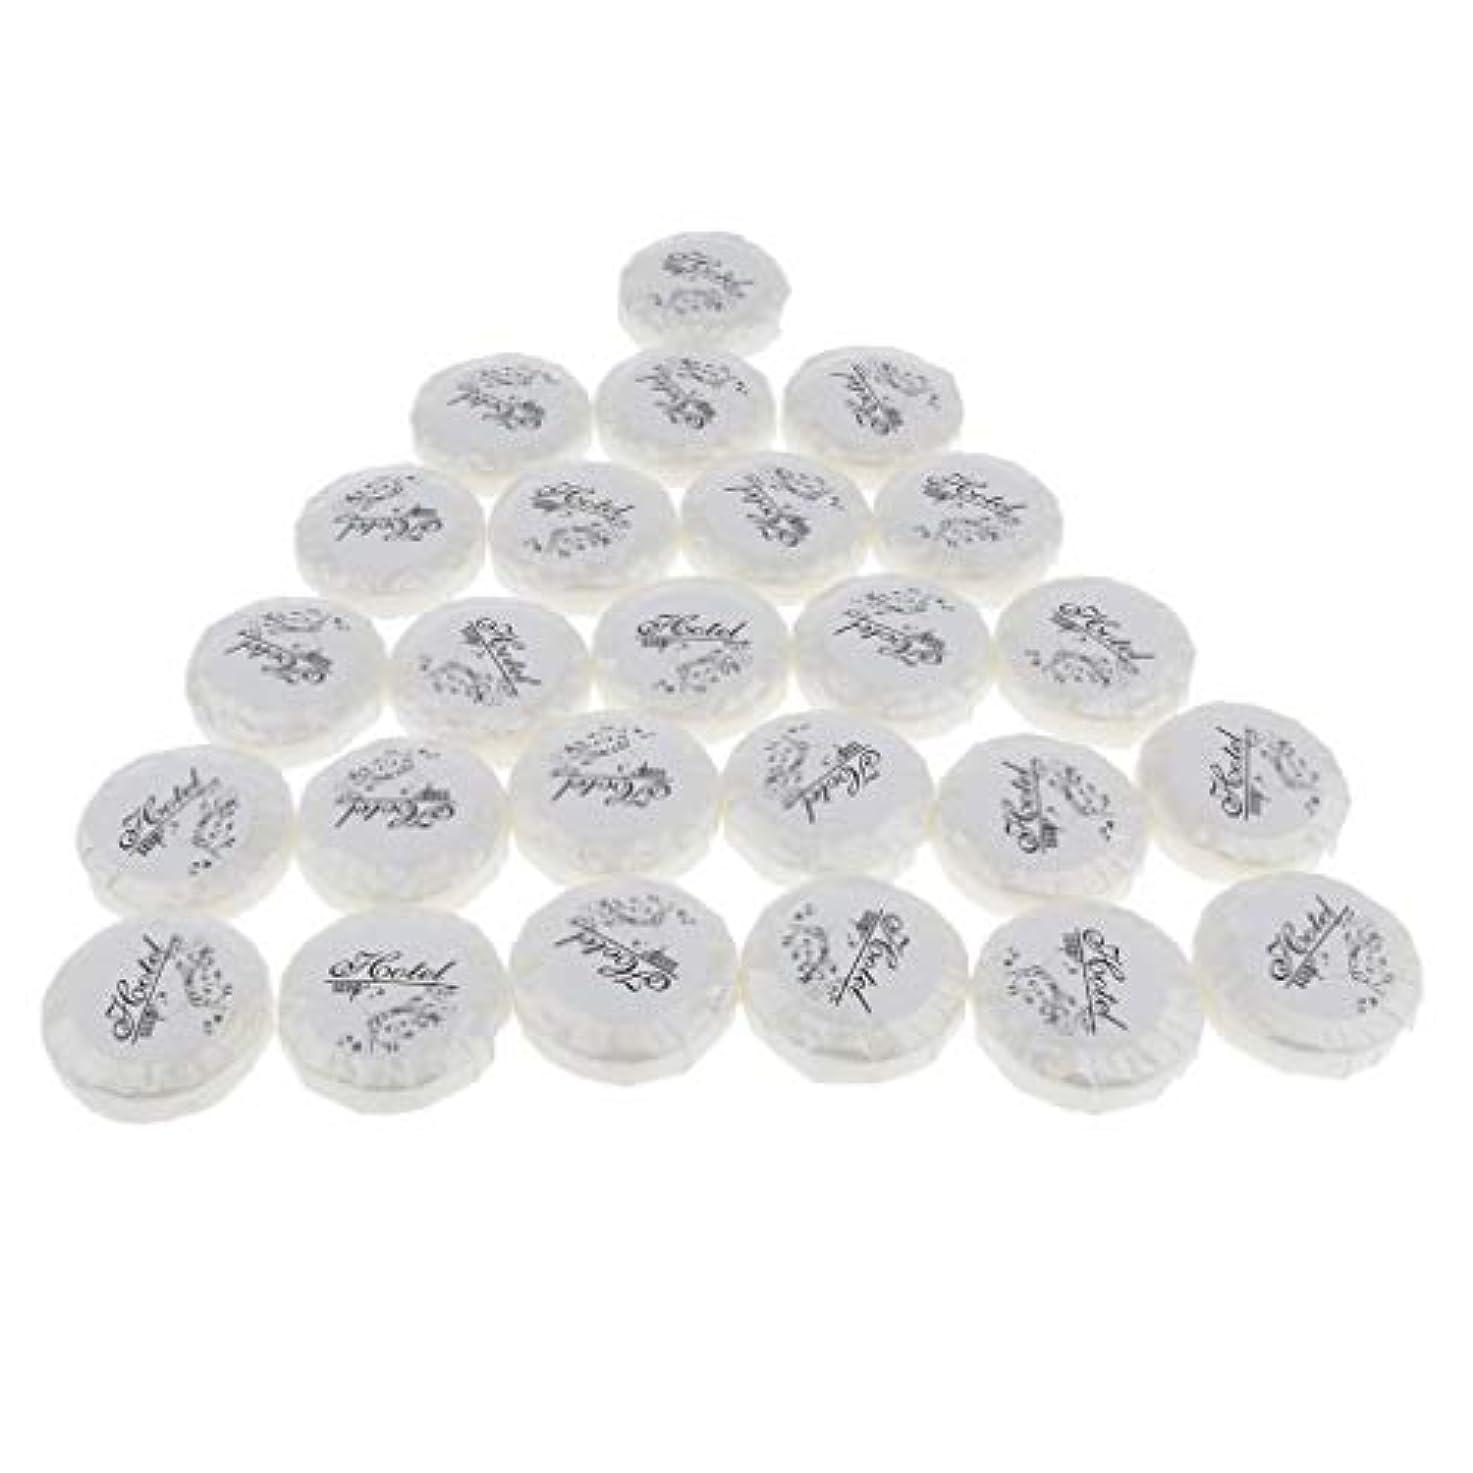 灰バランス配管工約150個 ポータブル ミニソープ ホテル 旅行 洗顔 固形せっけん バス用品 使い捨て 3種選ぶ - 13g